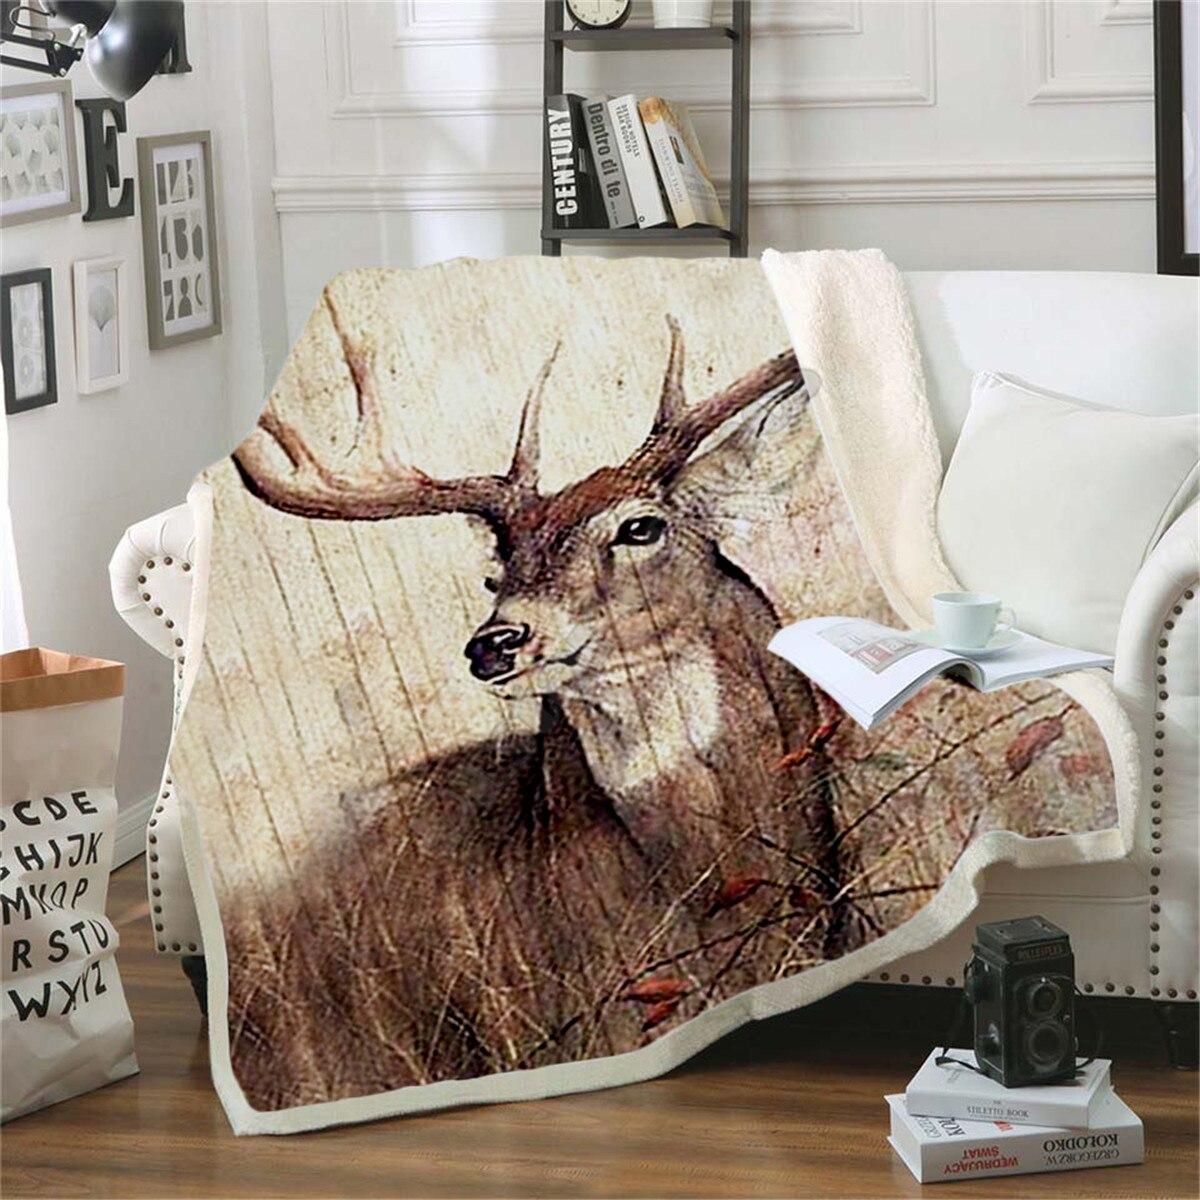 Deer Hunting Fleece Blanket 3D printed Sherpa Blanket on Bed Home Textiles Dreamlike HOME ACCESSORIES